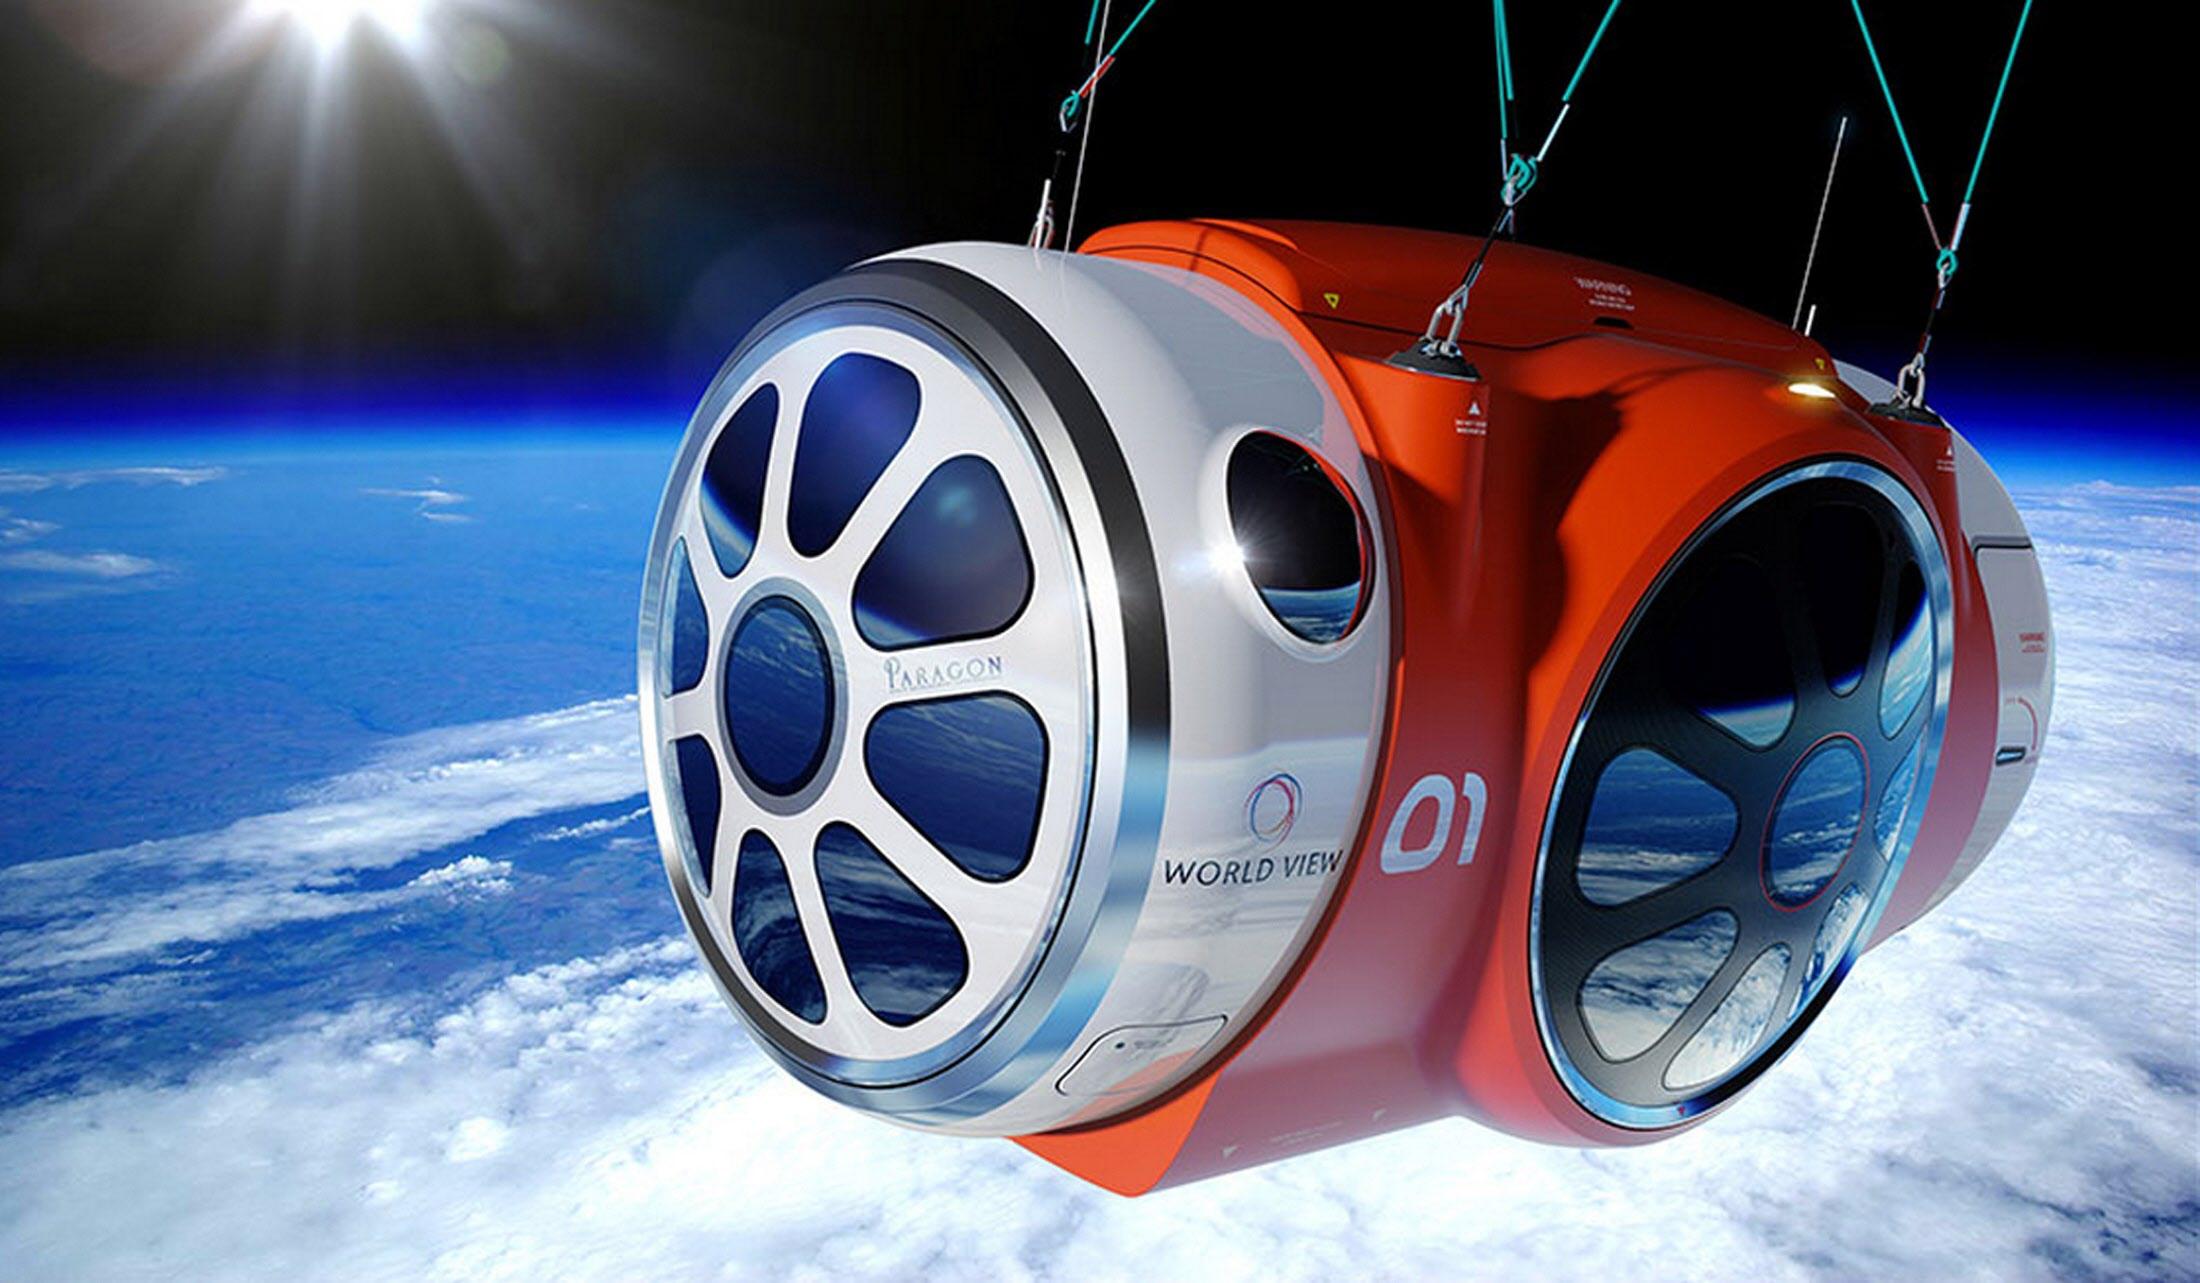 Viajes a la estratosfera por 75.000 dólares